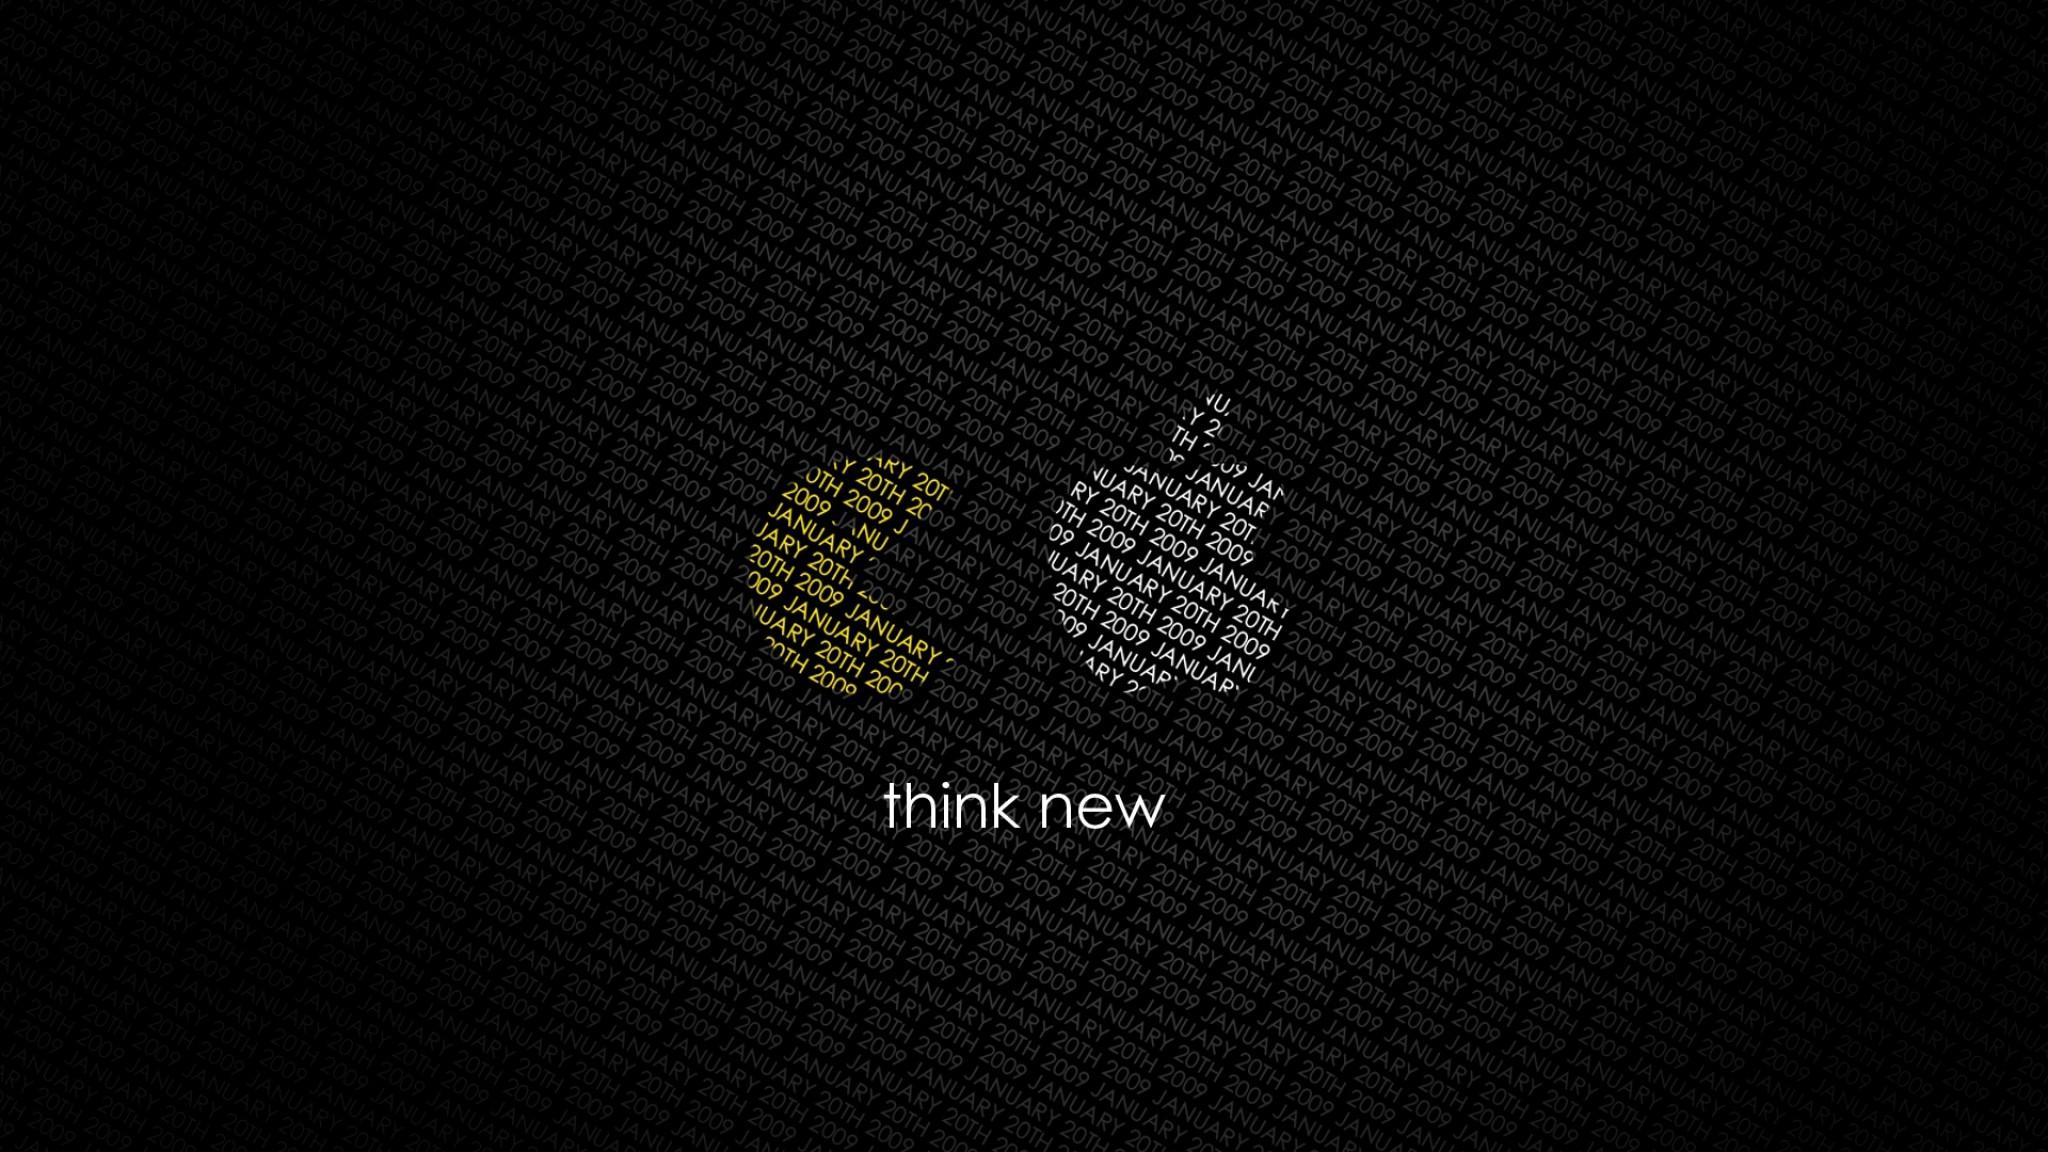 Wallpaper mac, apple, pak-man, white, yellow, logo,